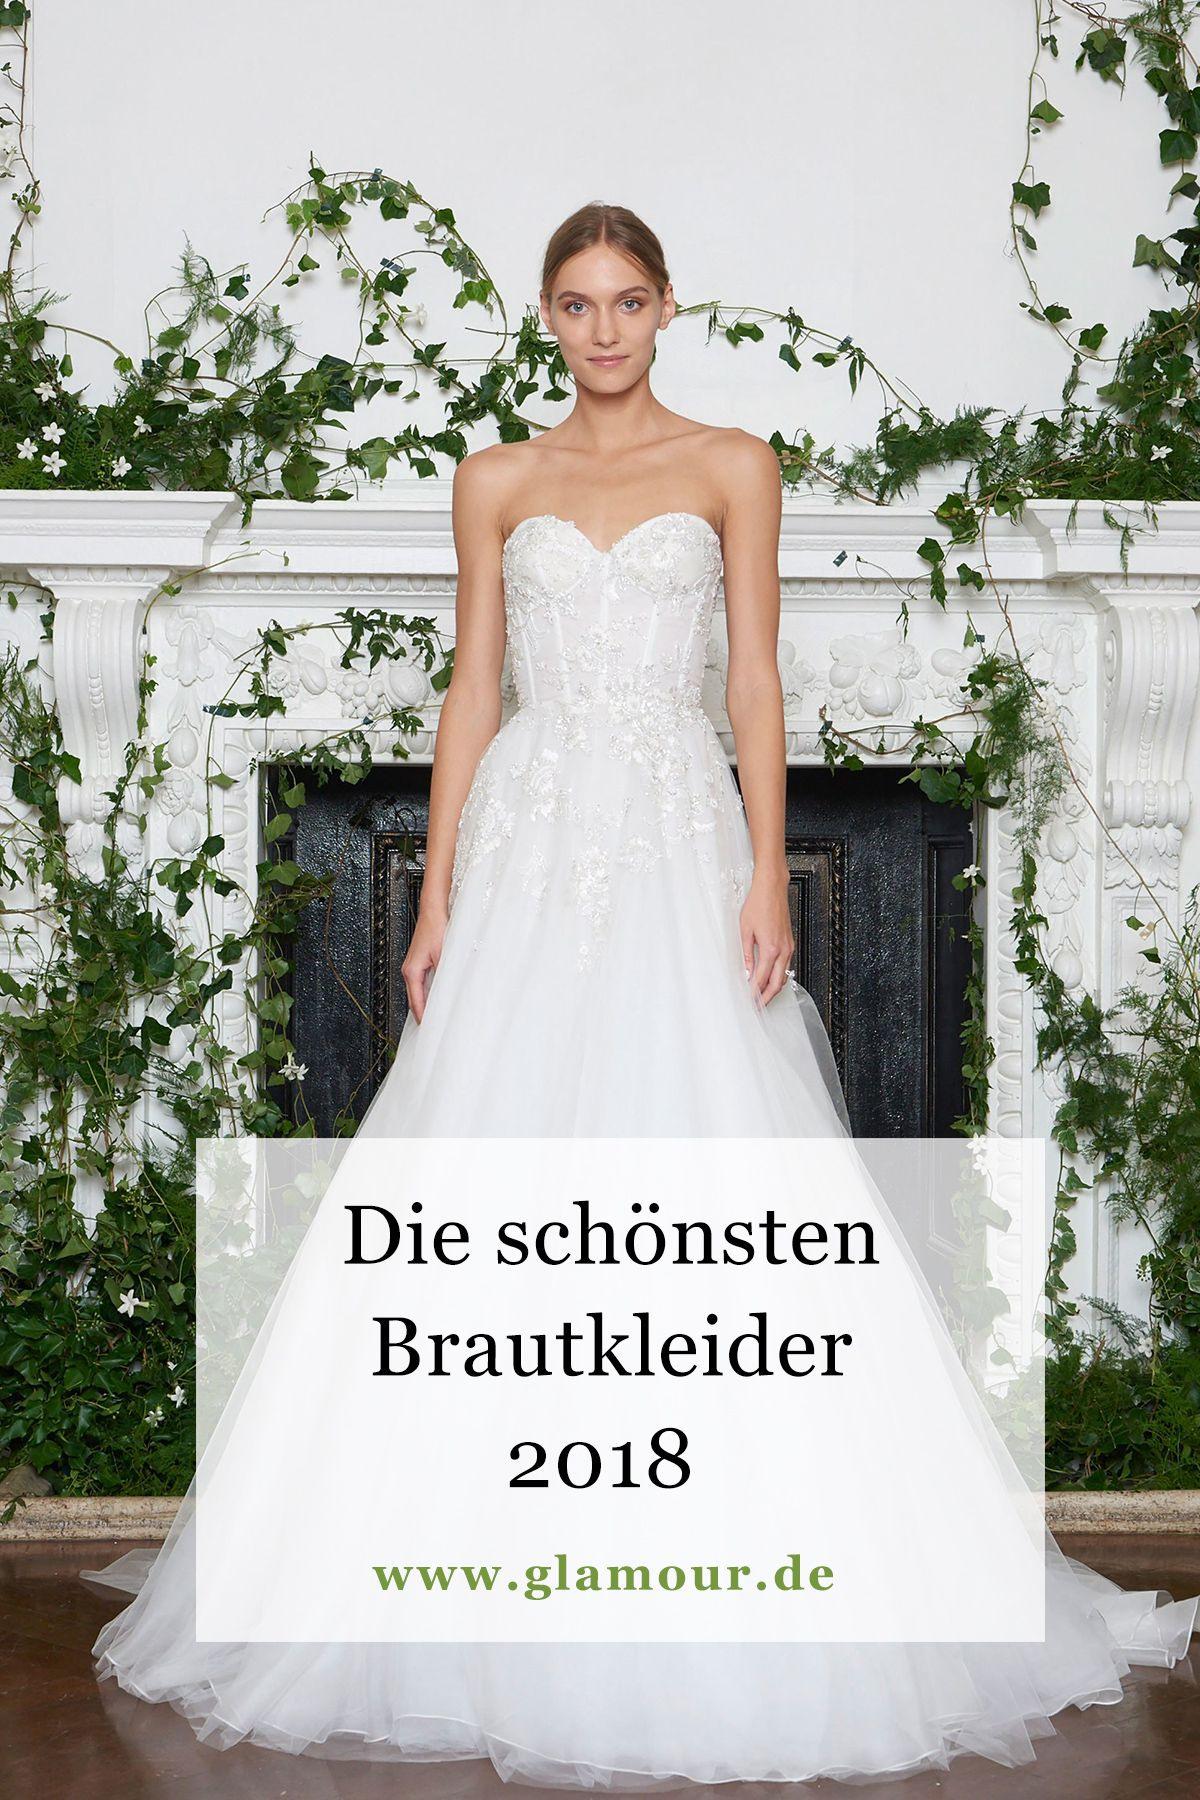 Brautkleider 2020 Diese Trends Sollten Sie Kennen